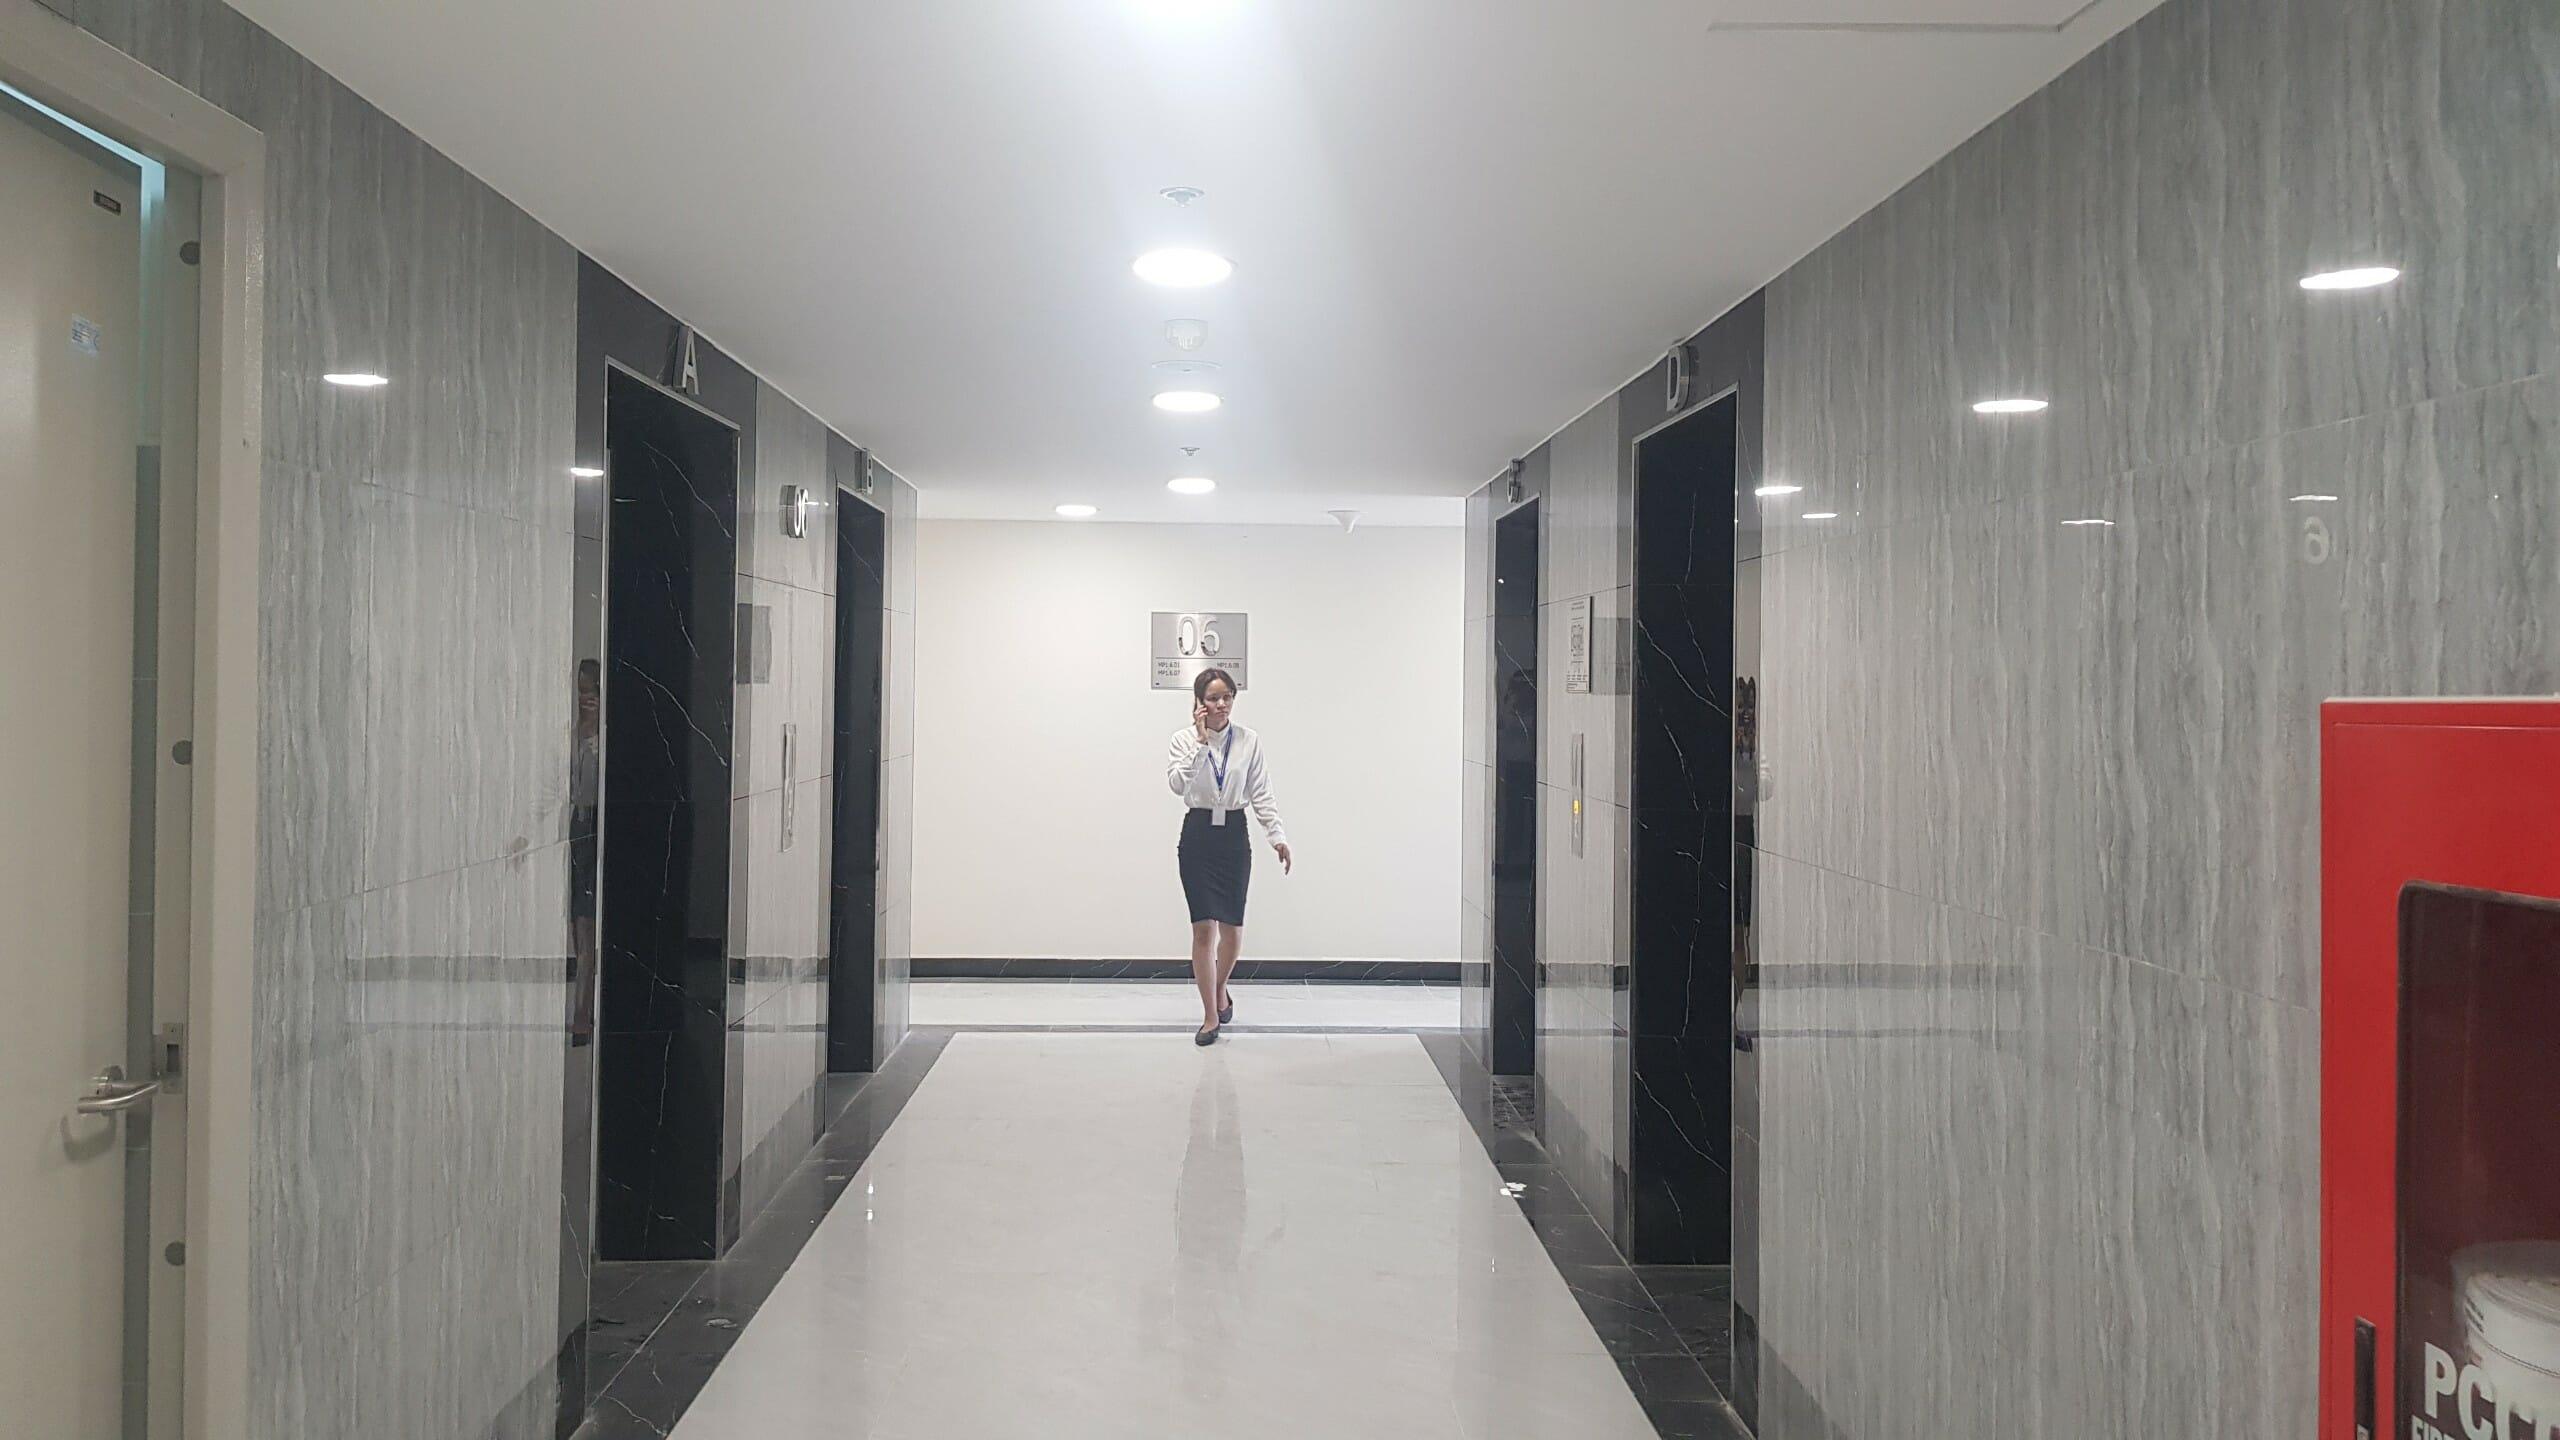 Sảnh thang máy của từng tầng căn hộ Mizuki Park. CĐT Nam Long chăm chút khá tỉ mỉ cho dự án này.